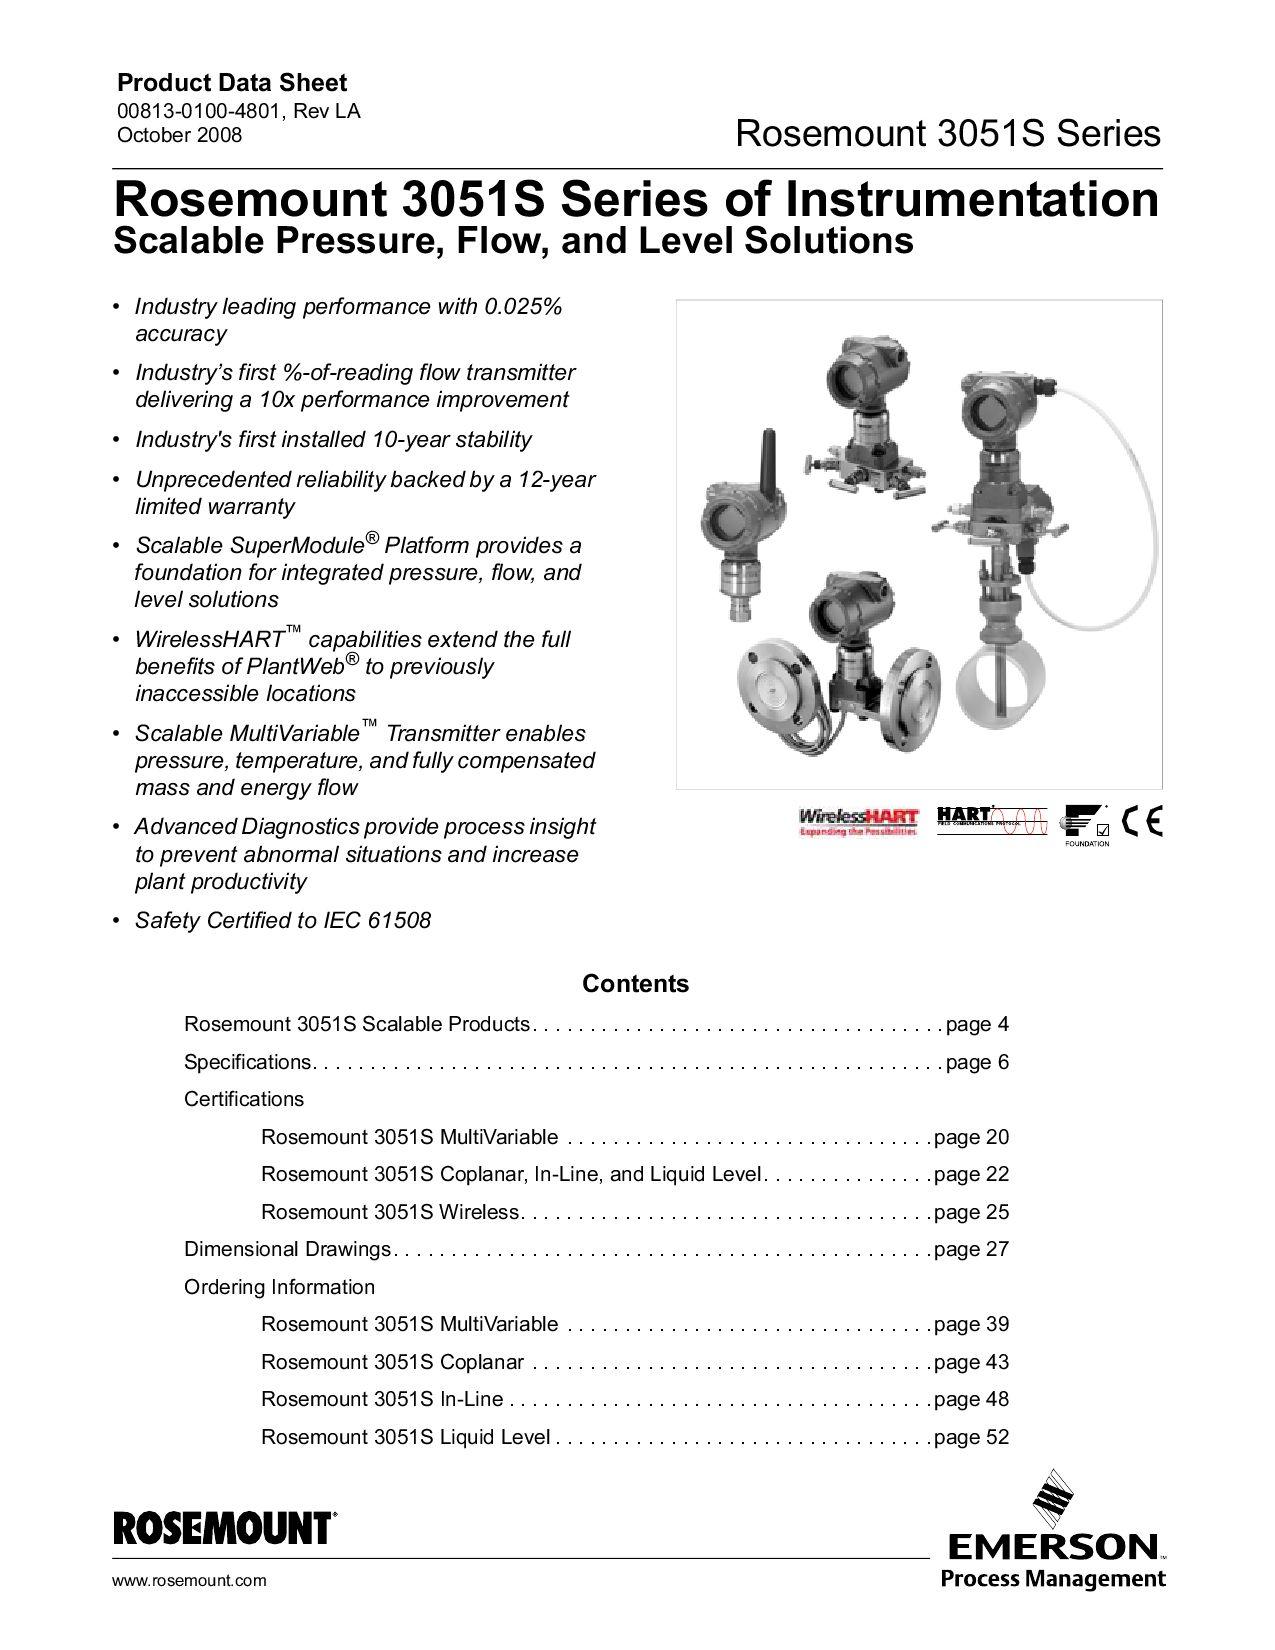 Rosemount 3051sfc Wiring Diagram. . Wiring Diagram Drawing Sketch on